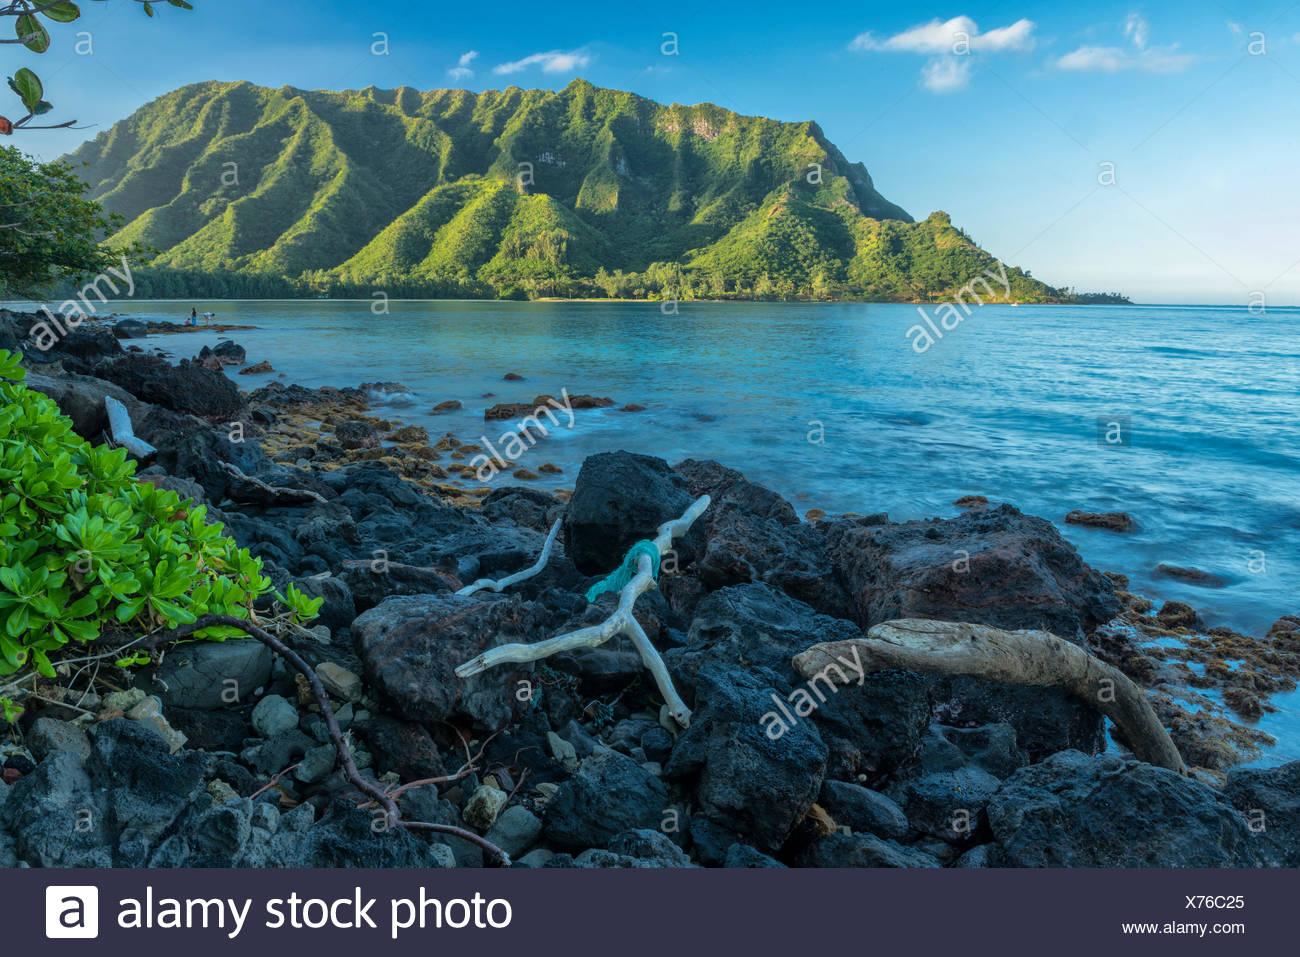 USA,Hawaii,Oahu,USA,Hawaii,Oahu,Kahana Bay,Kaawa - Stock Image